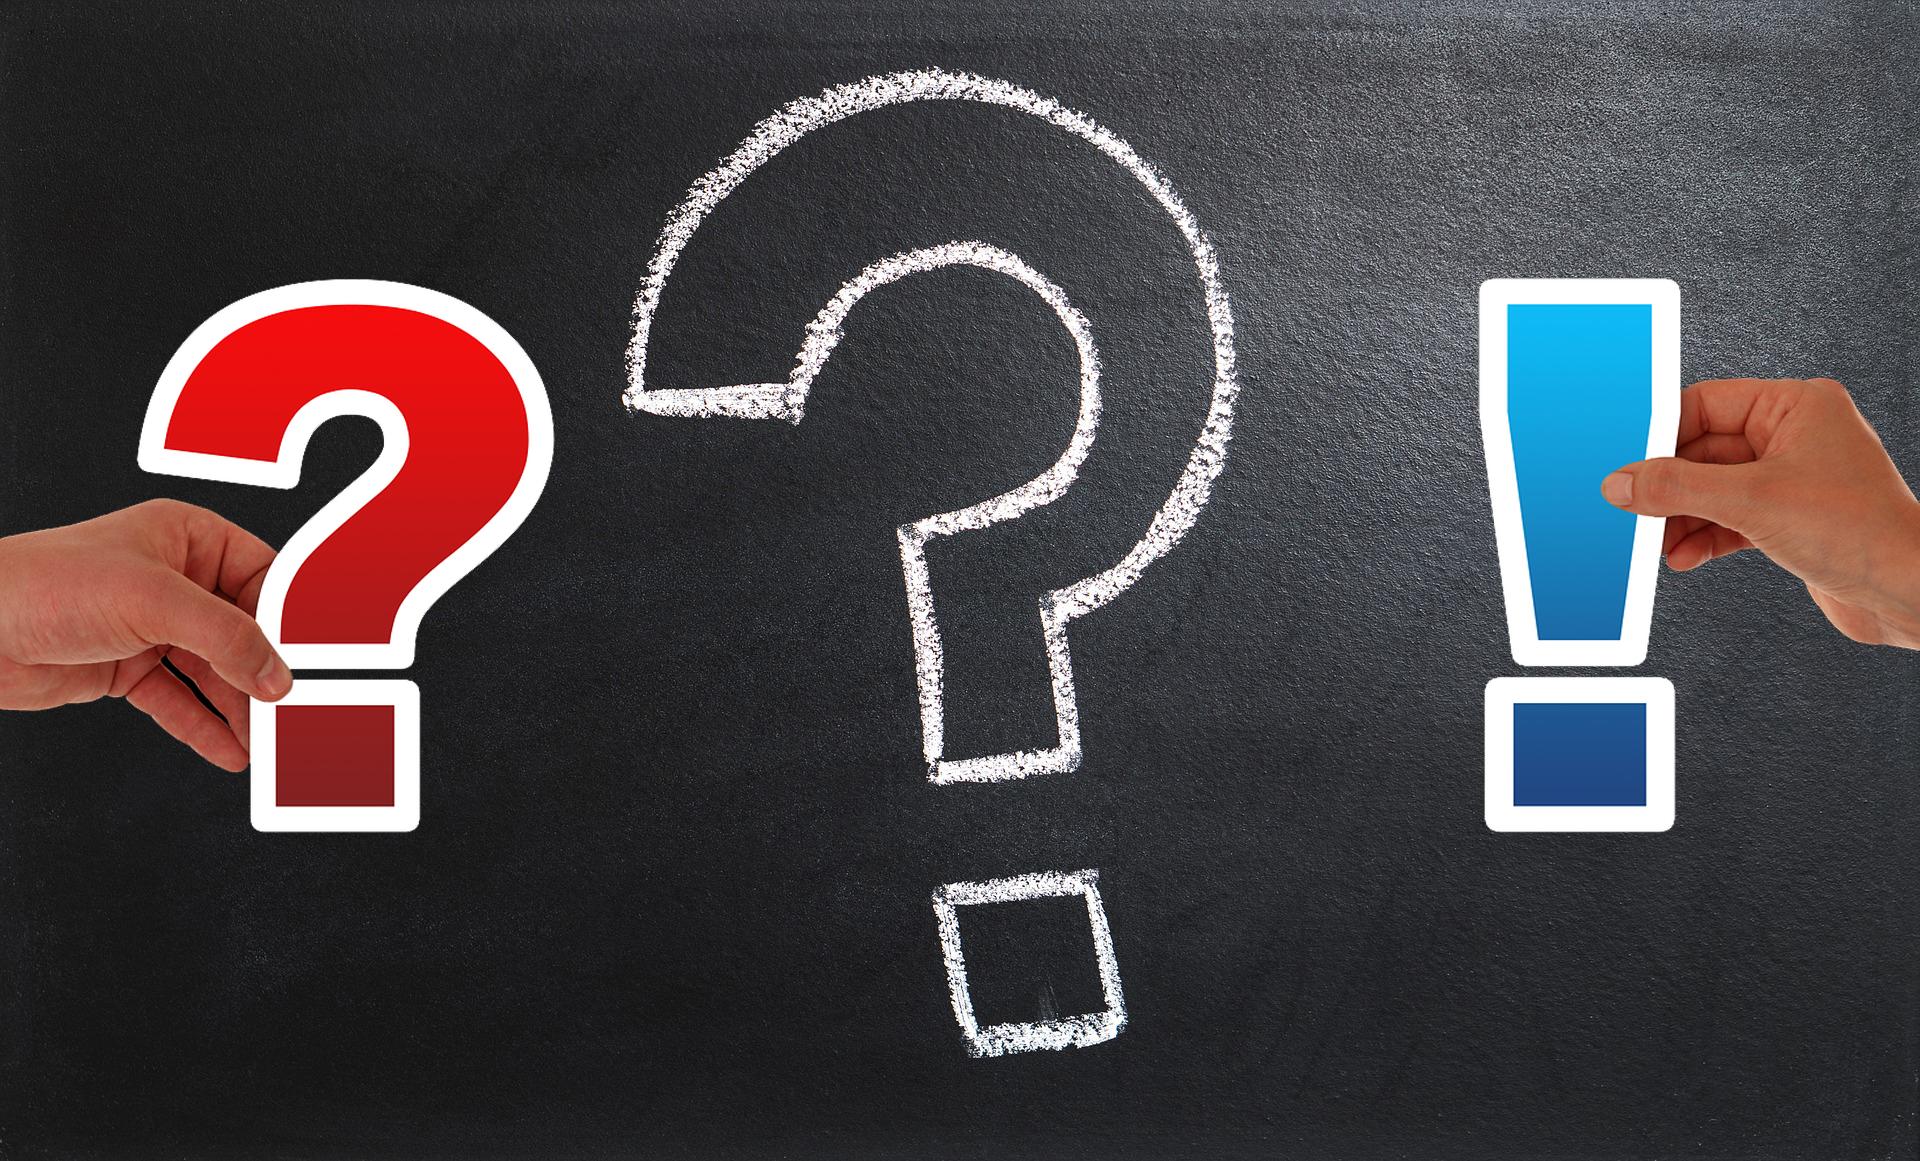 Bilden föreställer en griffeltavla med ett stort, vitt frågetecken ritat på med krita. Bredvid frågetecknet sticker en hand ut från vardera sida av bilden. Den vänstra håller i ett rött frågetecken, den högra ett blått utropstecken.